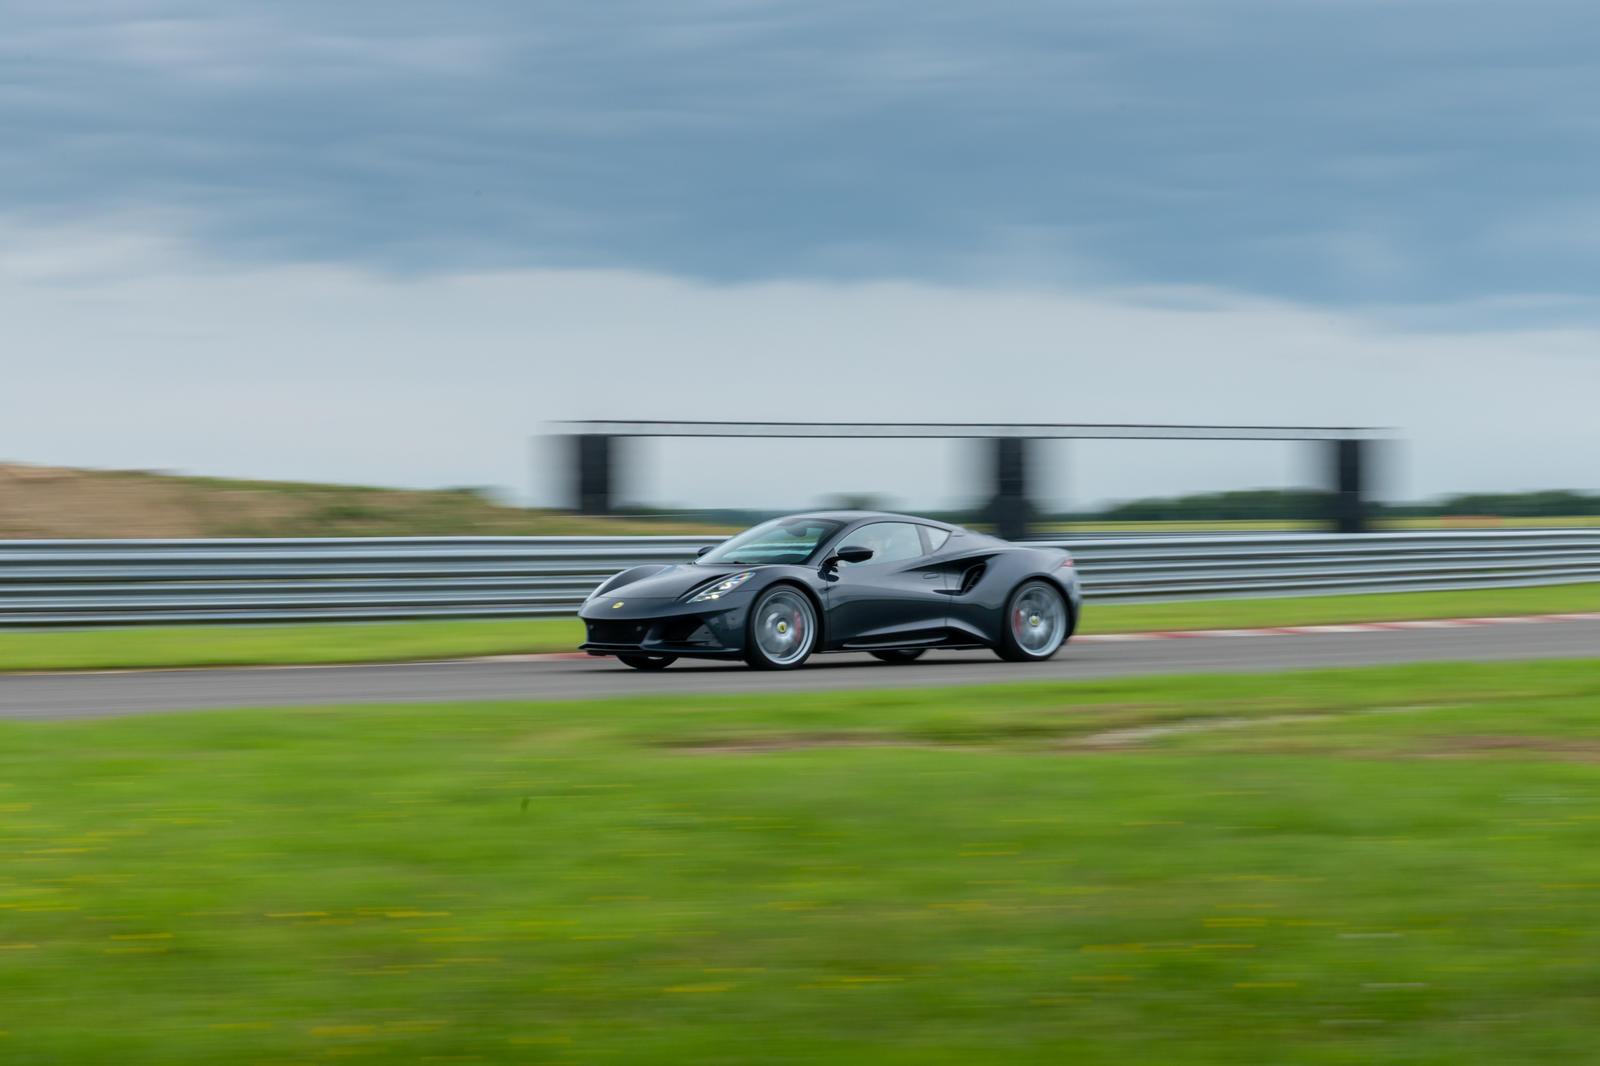 những-mẫu-xe-được-Lotus-mang-đến-Monterey-Car-Week-2021 (2).jpg